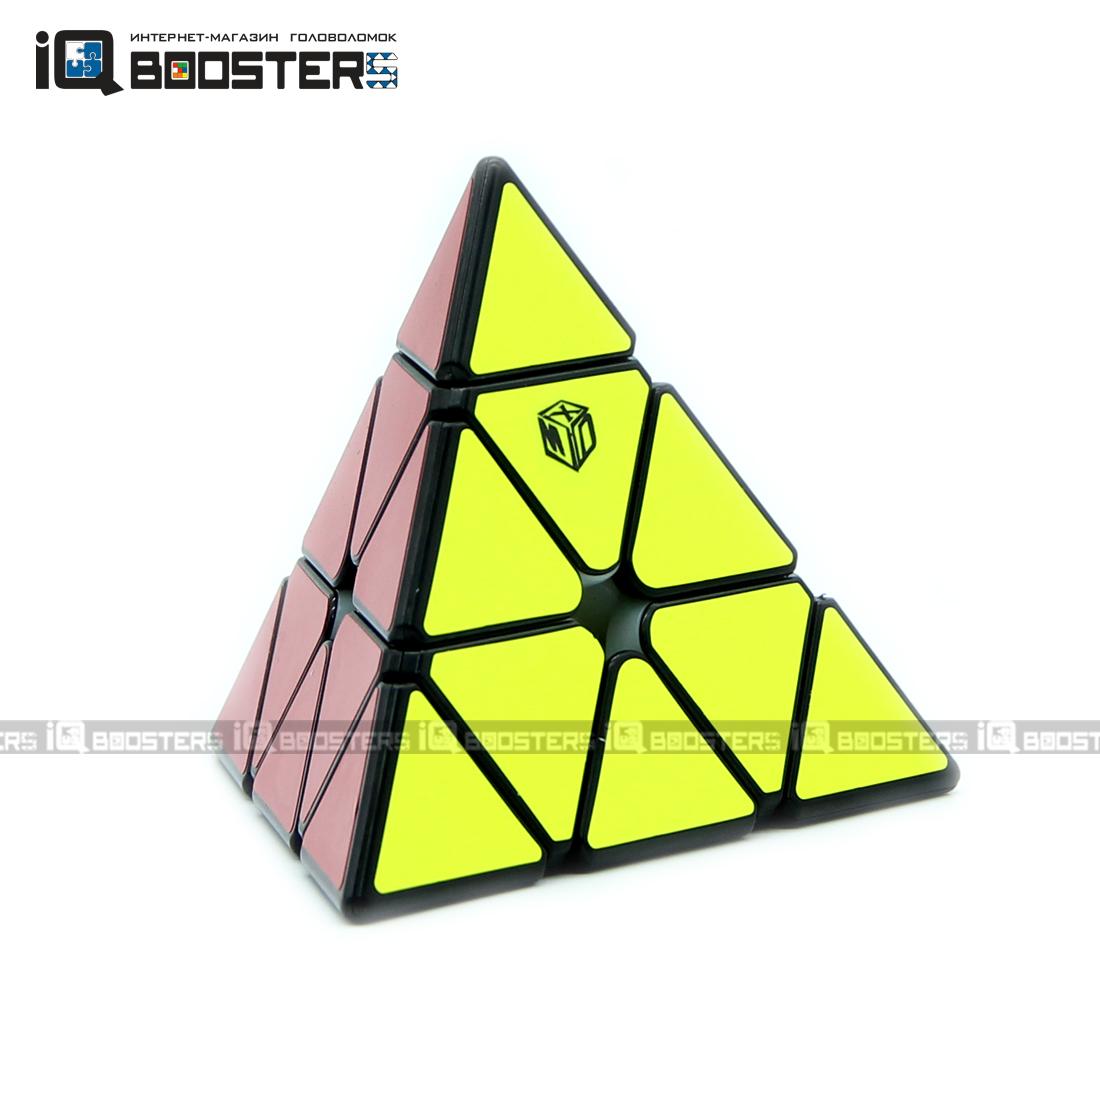 x-man_pyraminx_bell_v2_m_01